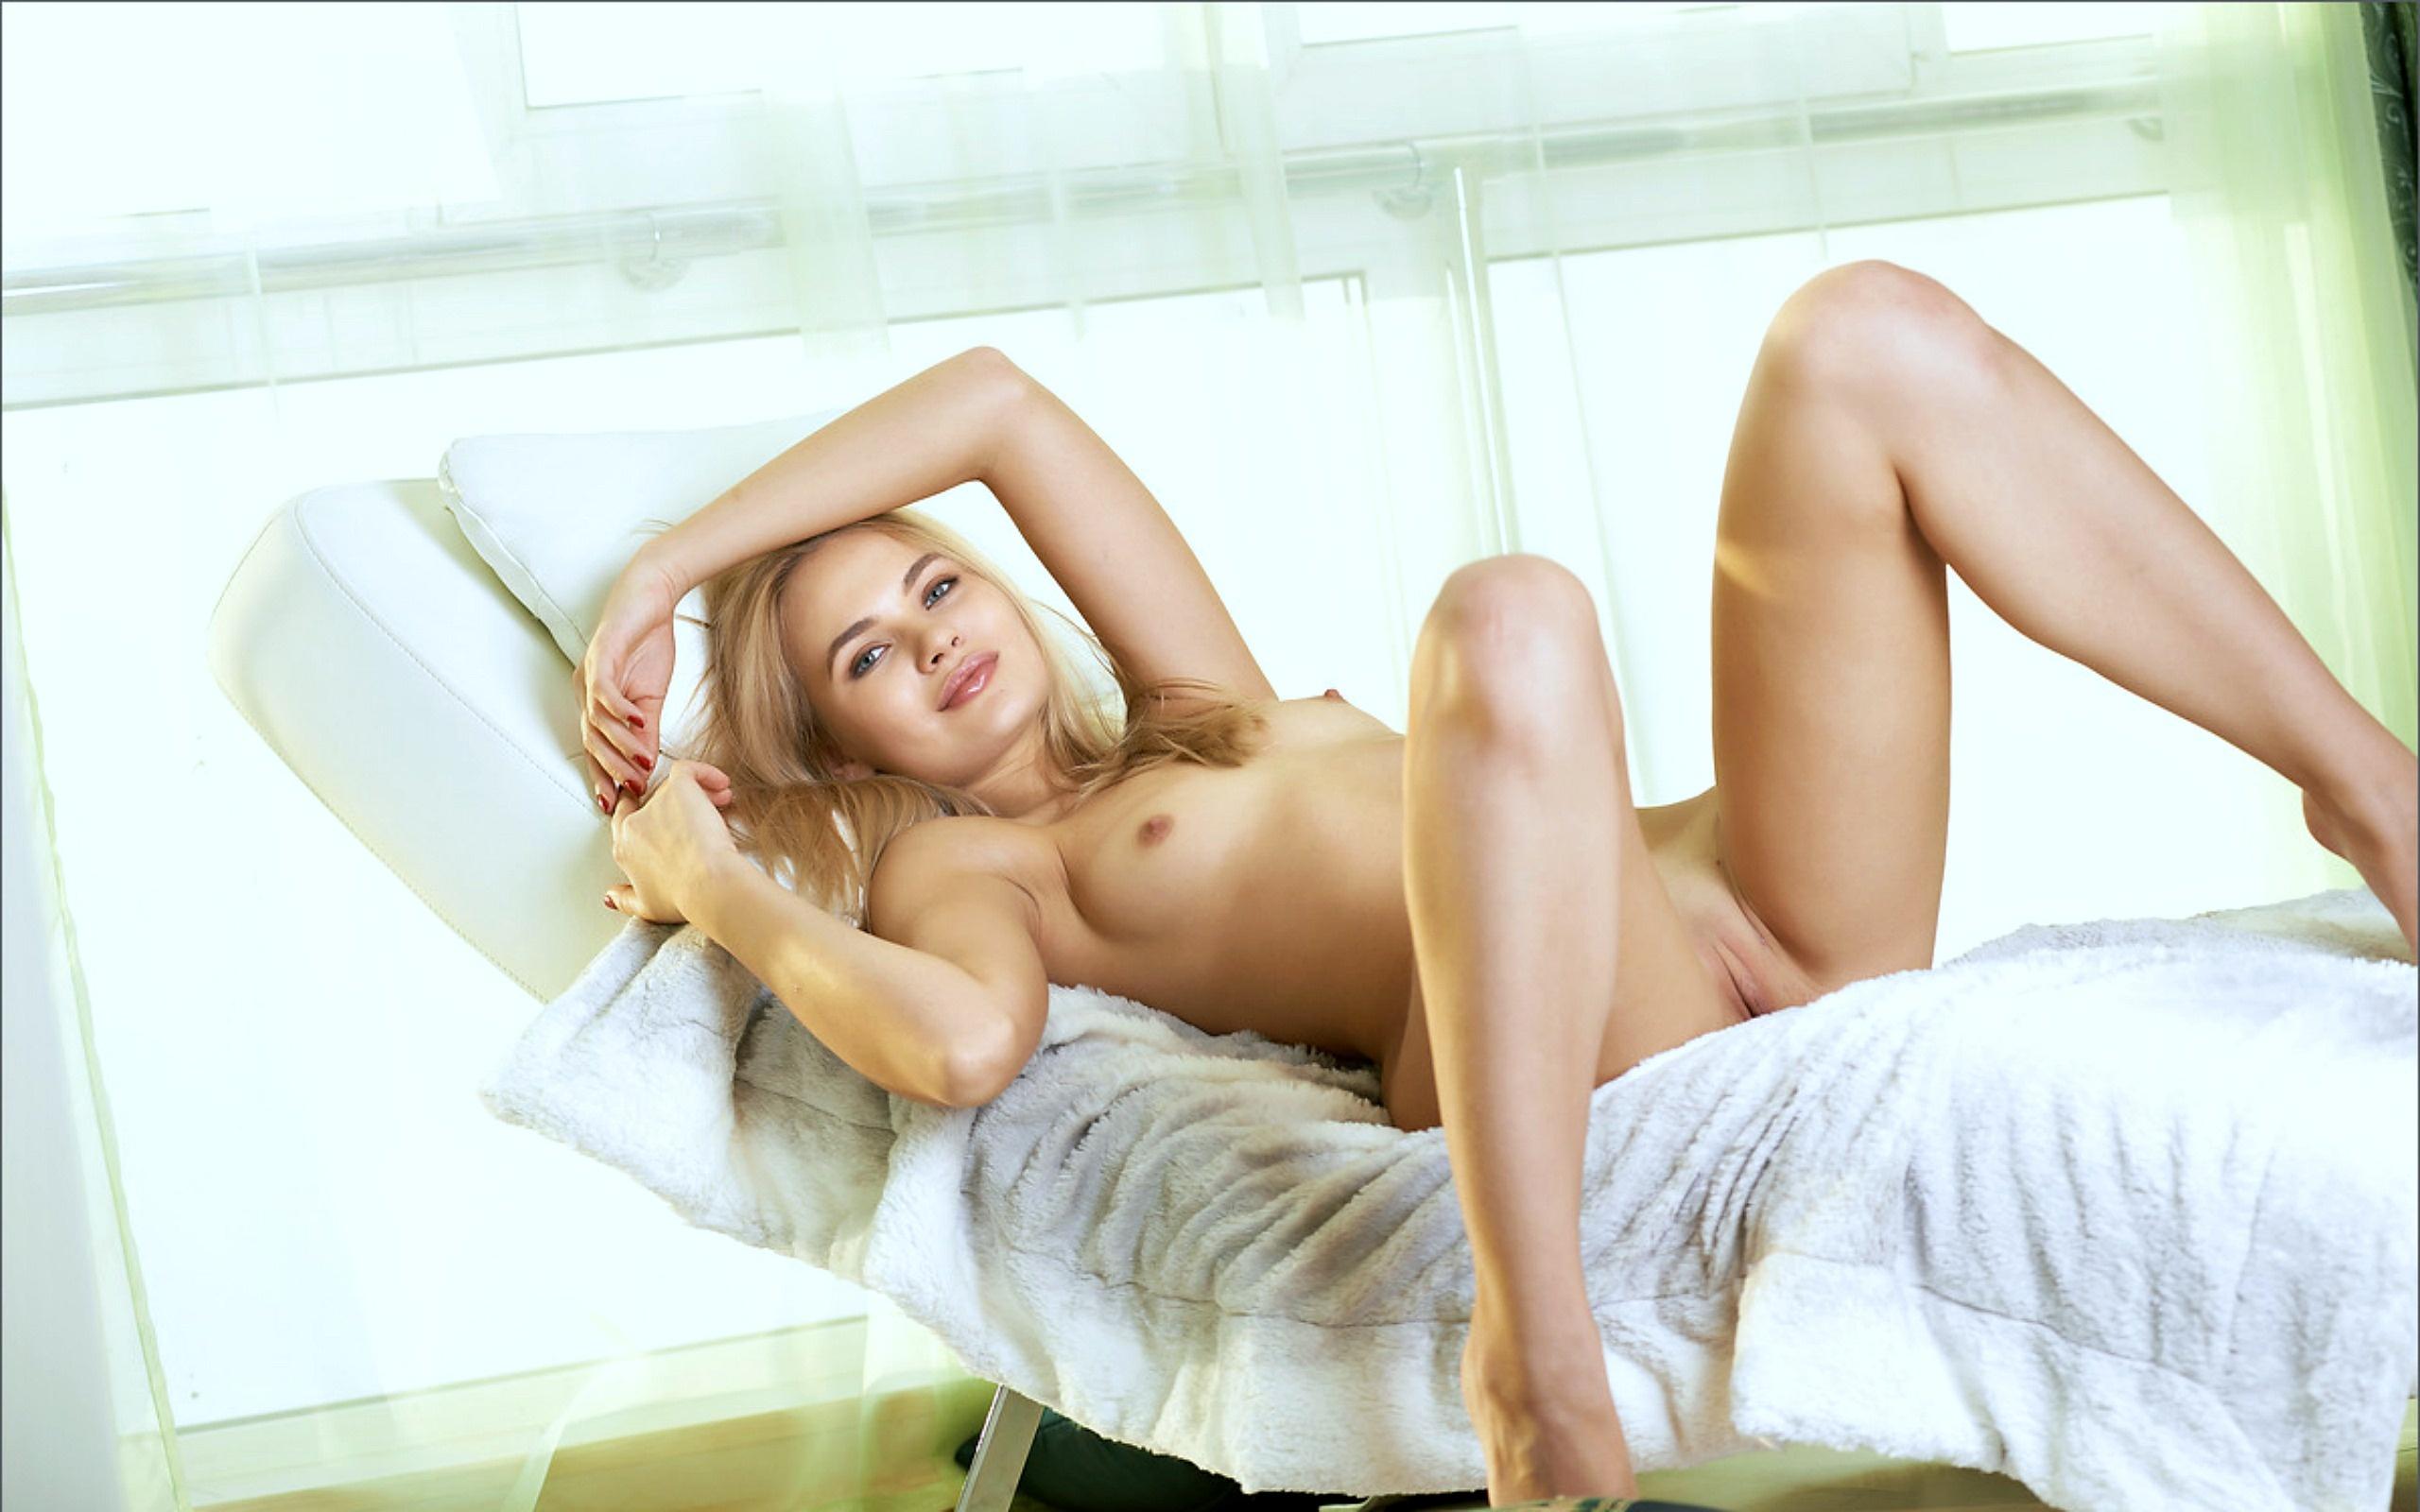 Бесплатная эротика с моделью талиа фото 372-462